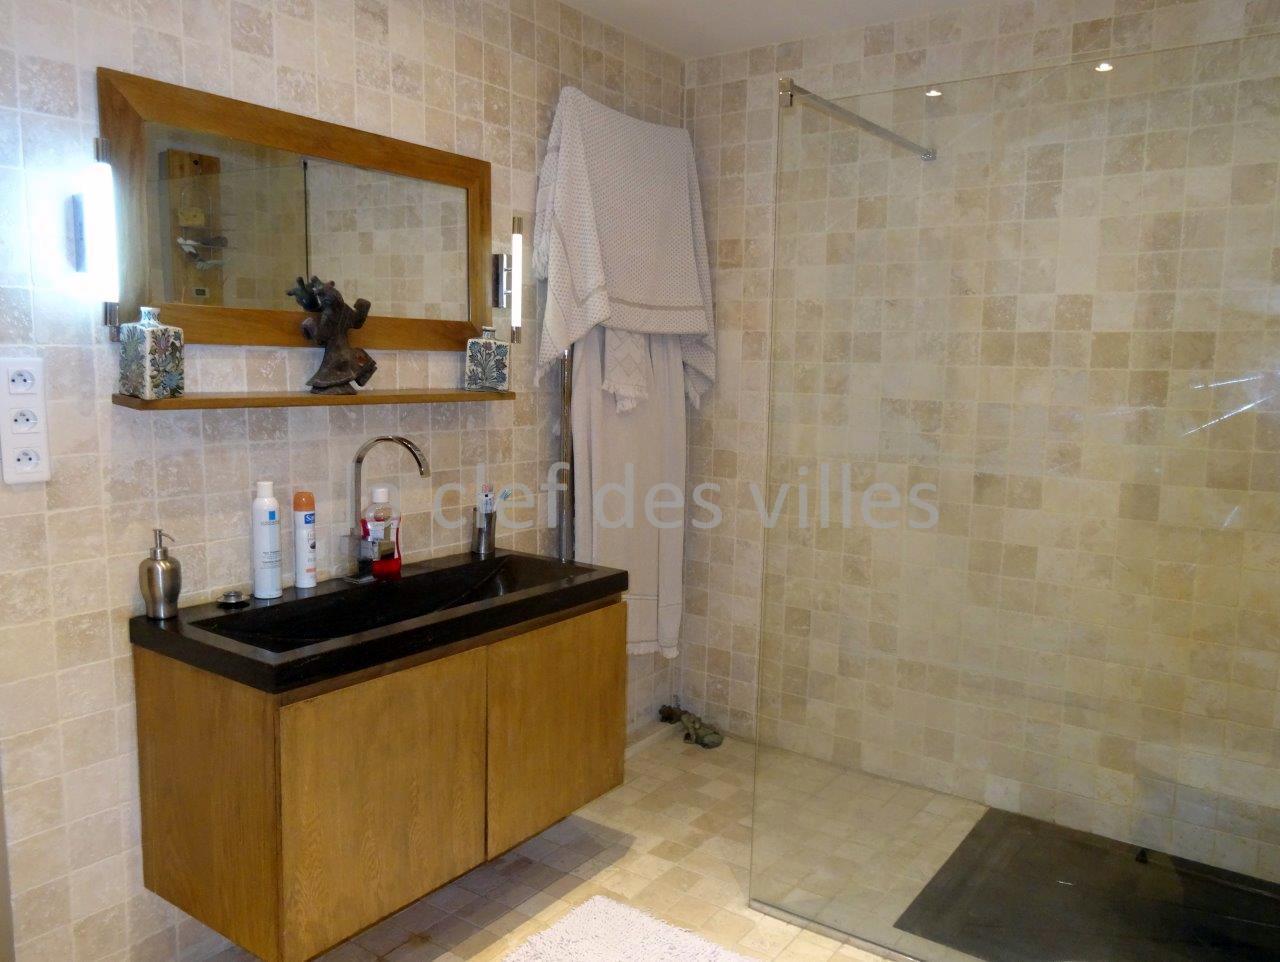 la-clef-des-villes-agence-immobiliere-boulogne-billancourt-chasseur-immobilier-hauts-de-seine-92-arnaud-mascarel-vente-appartement-saint-cloud-photo-salle-de-bain-design